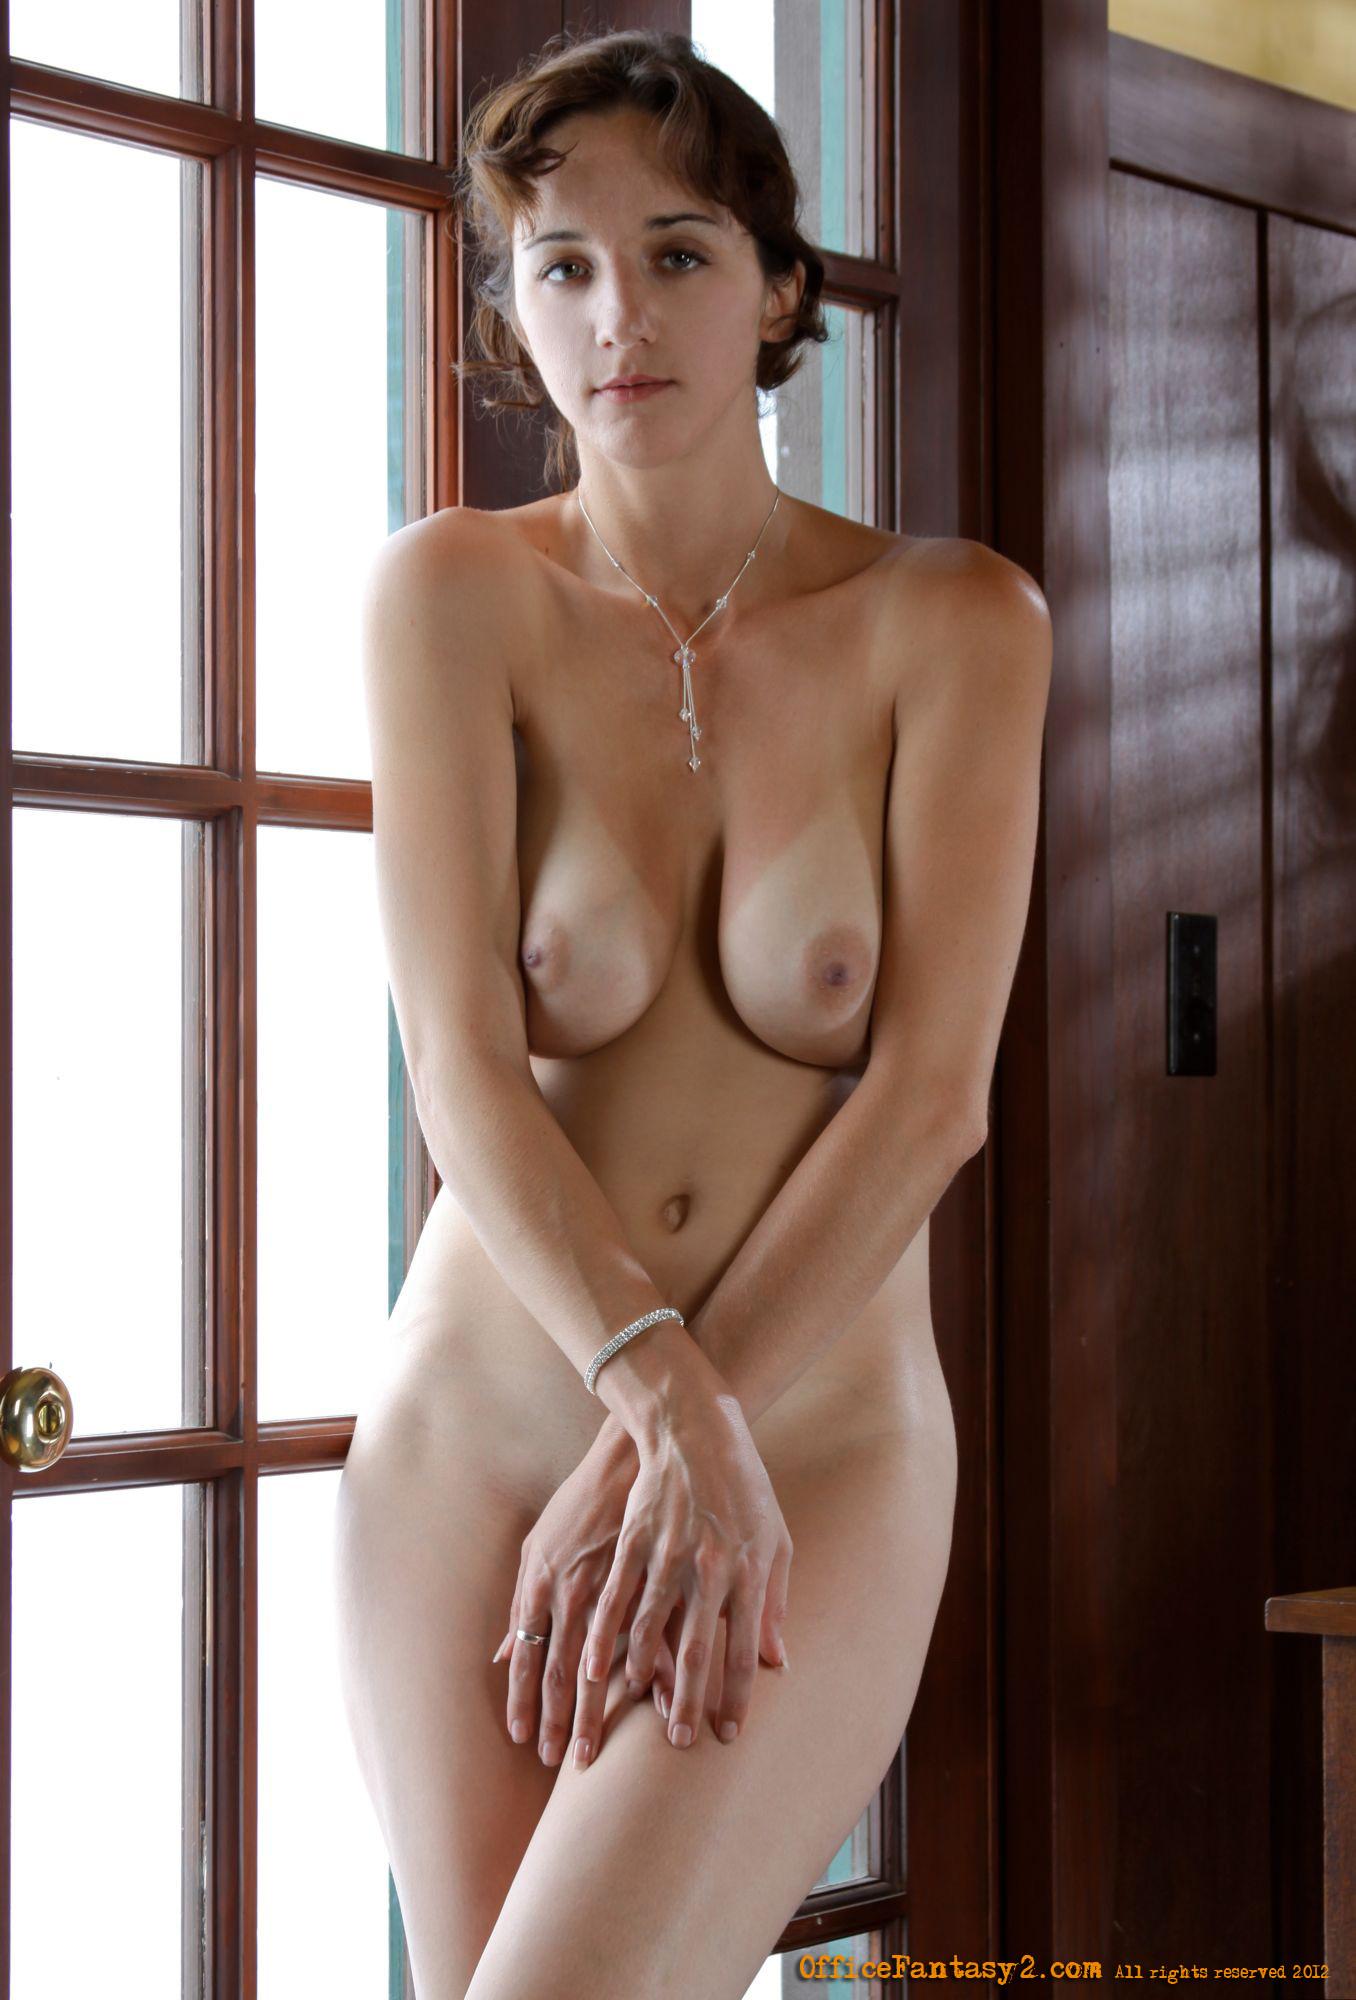 http://www.cherrynudes.com/forest-shy-secretary/8.jpg